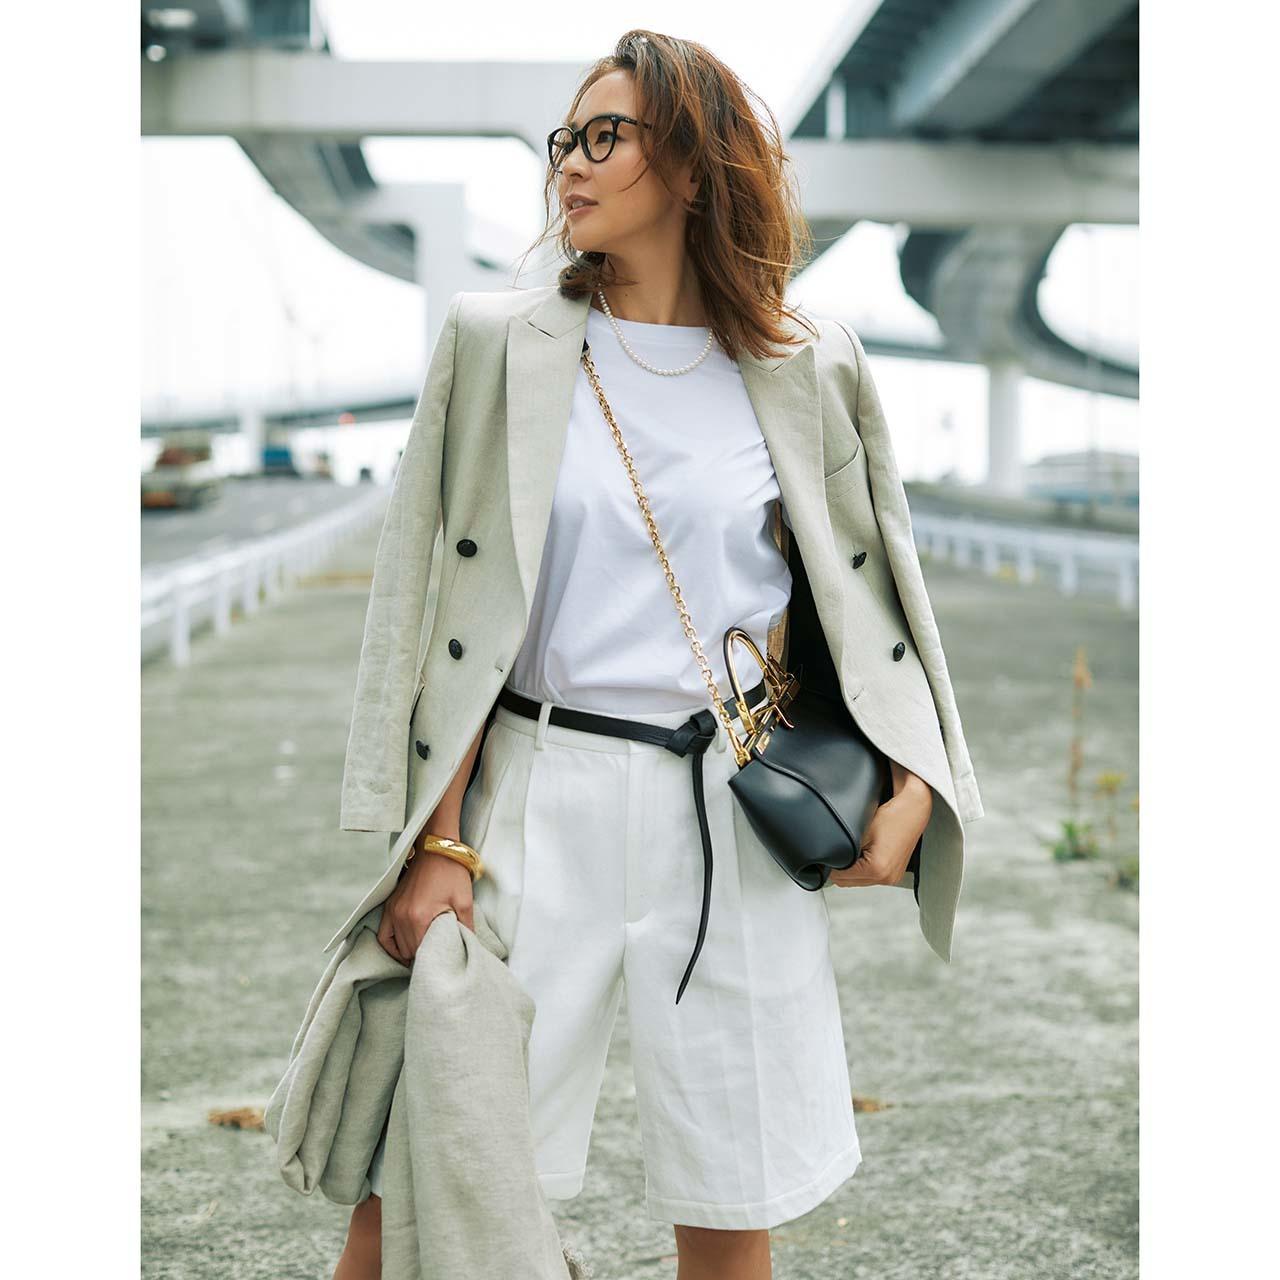 ジャケット×ショートパンツコーデを着たモデルのSHIHOさん